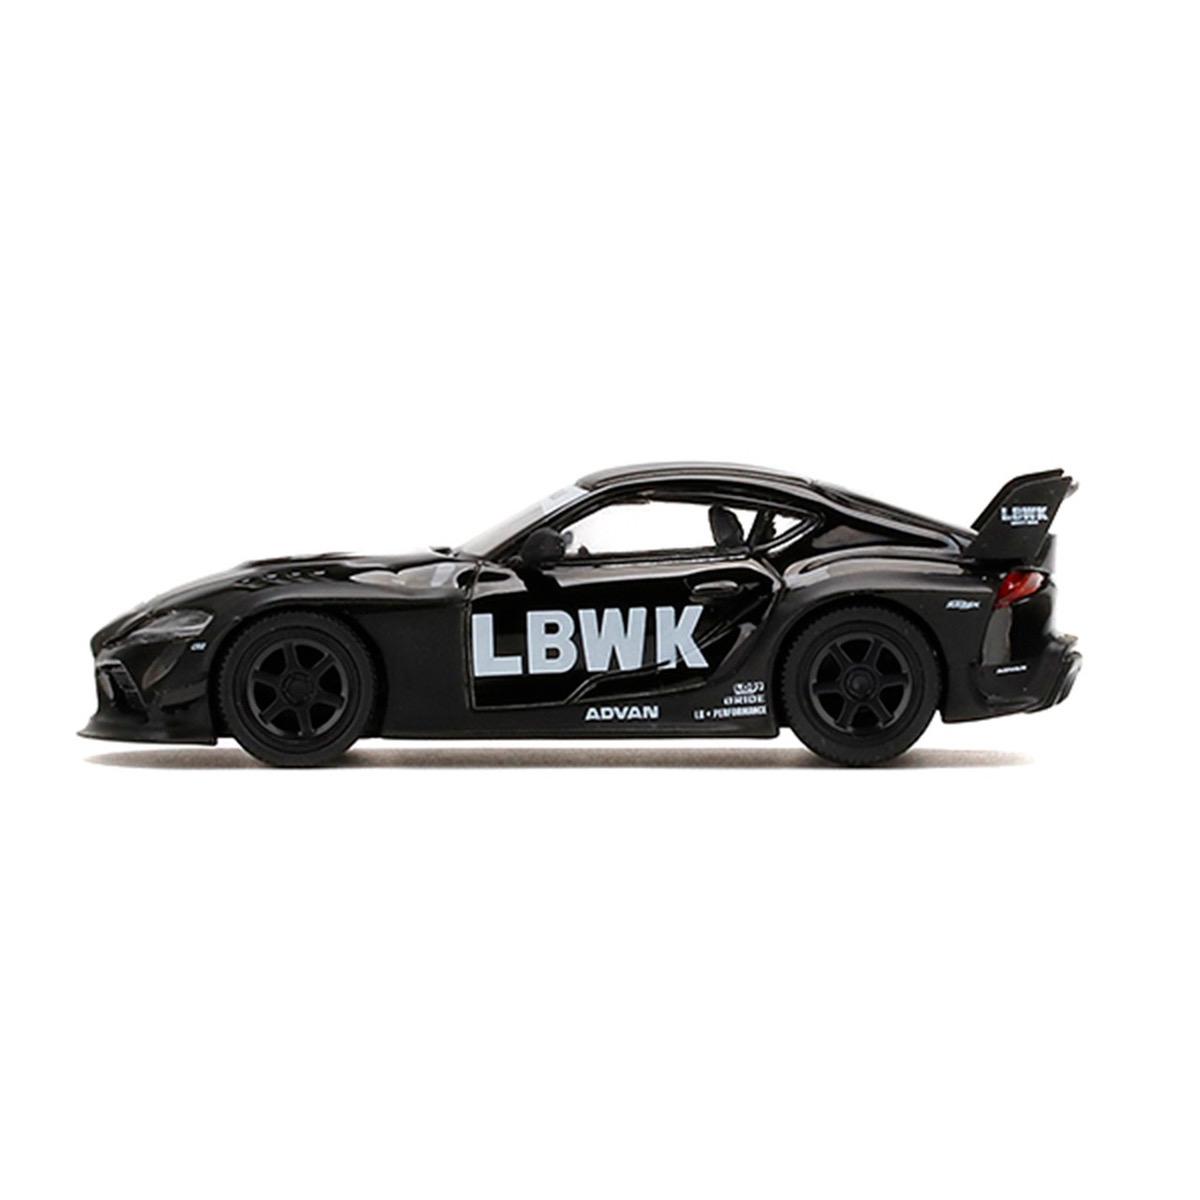 予約 MINI-GT LBWK限定 1/64 LB★WORKS Toyota GR Supra Black 右ハンドル